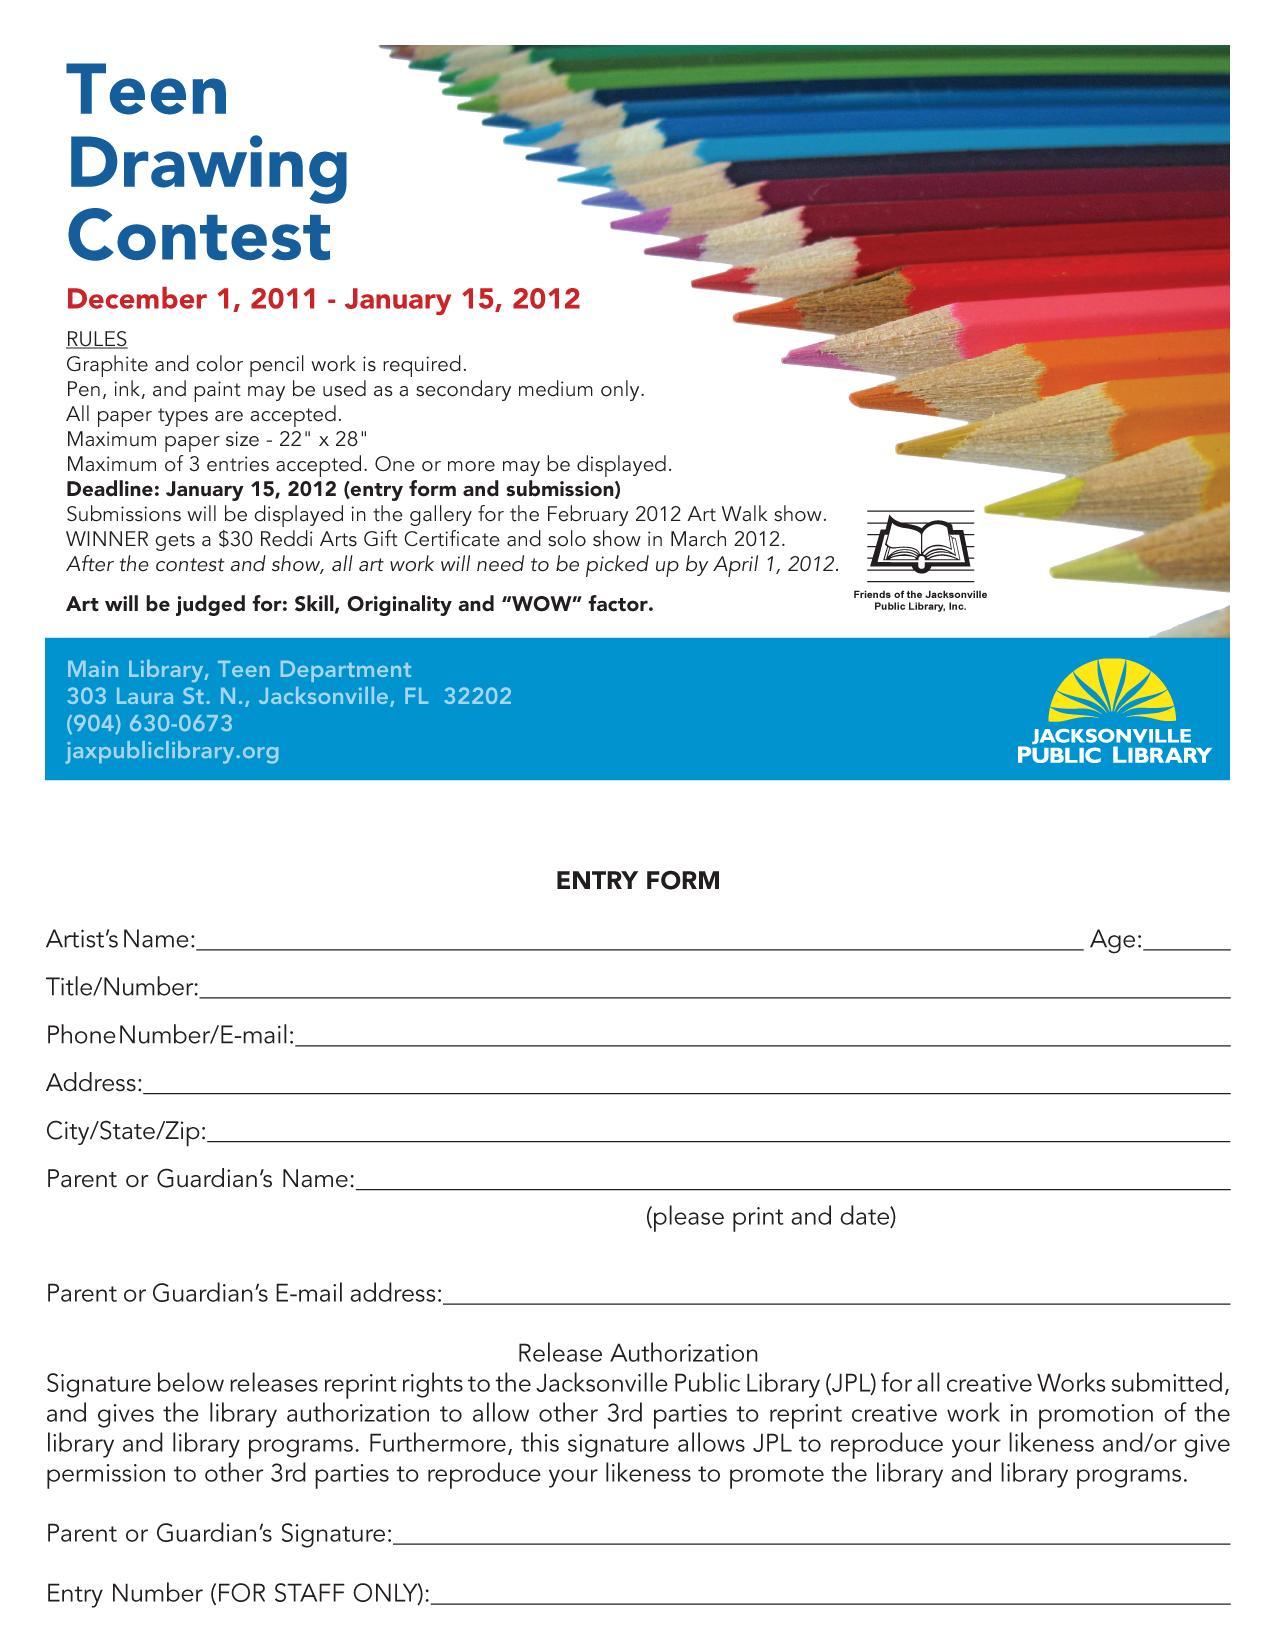 Teen Blog Teen Drawing Contest 78